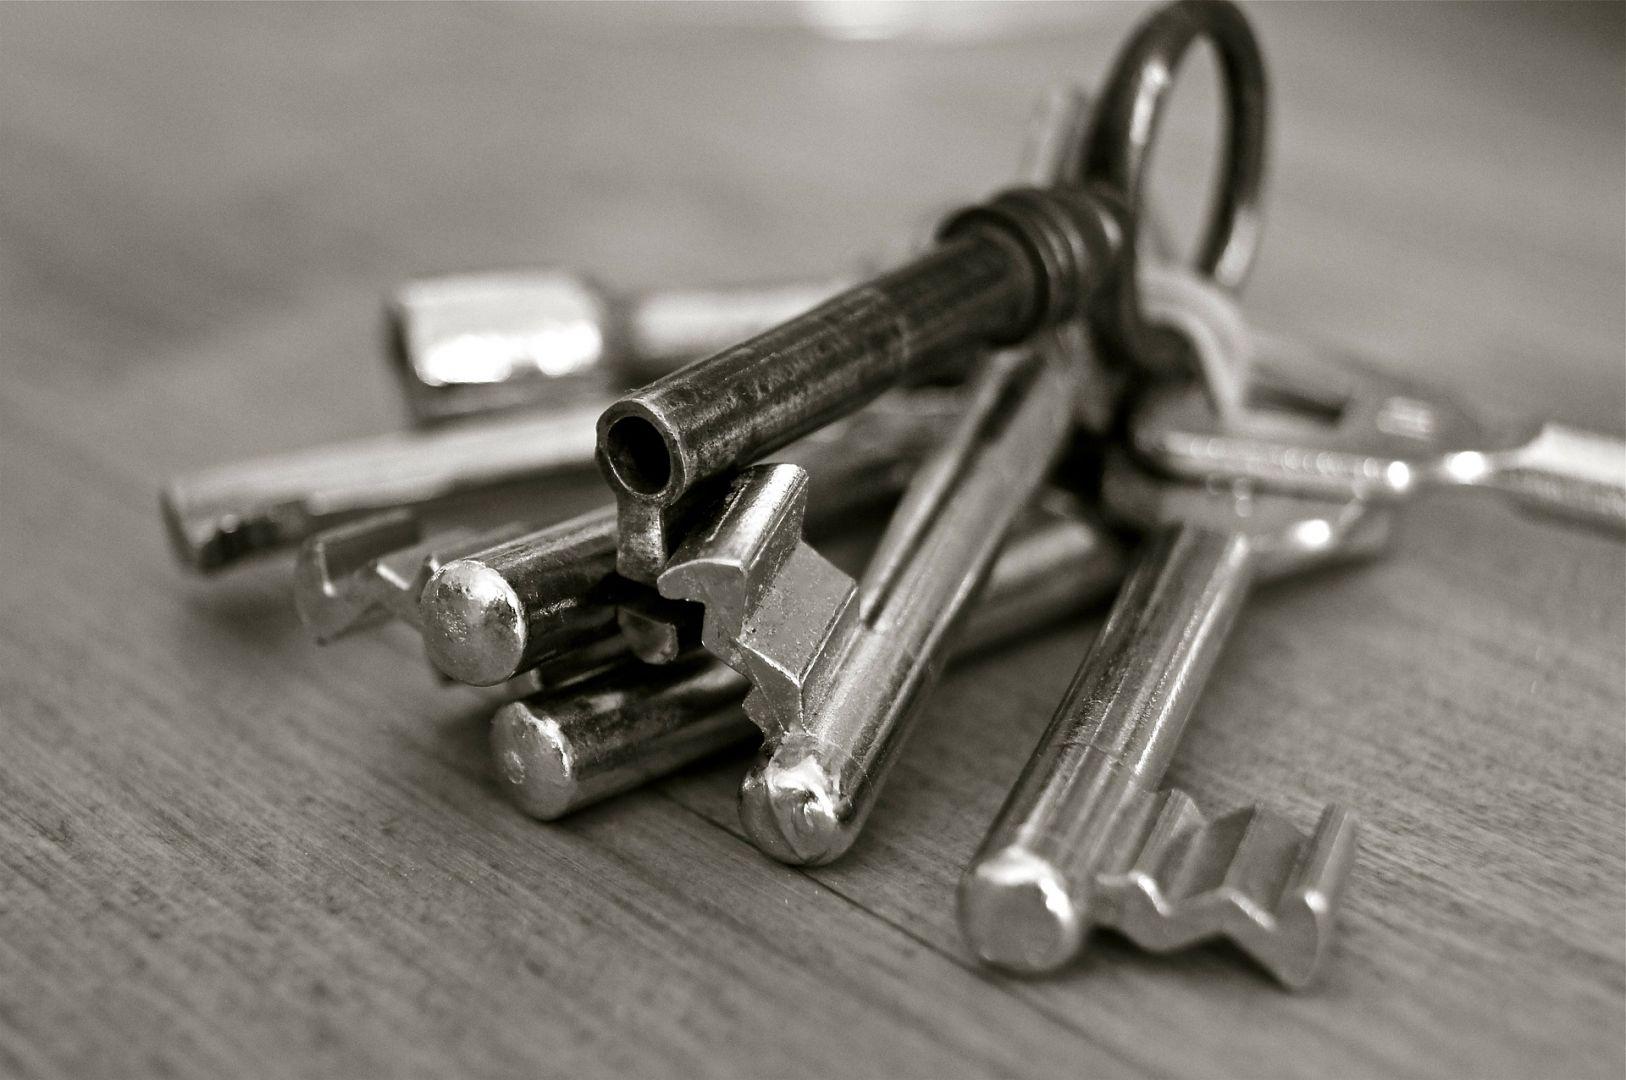 IglooHome : 3 solutions intelligentes pour vous faciliter la gestion des clés